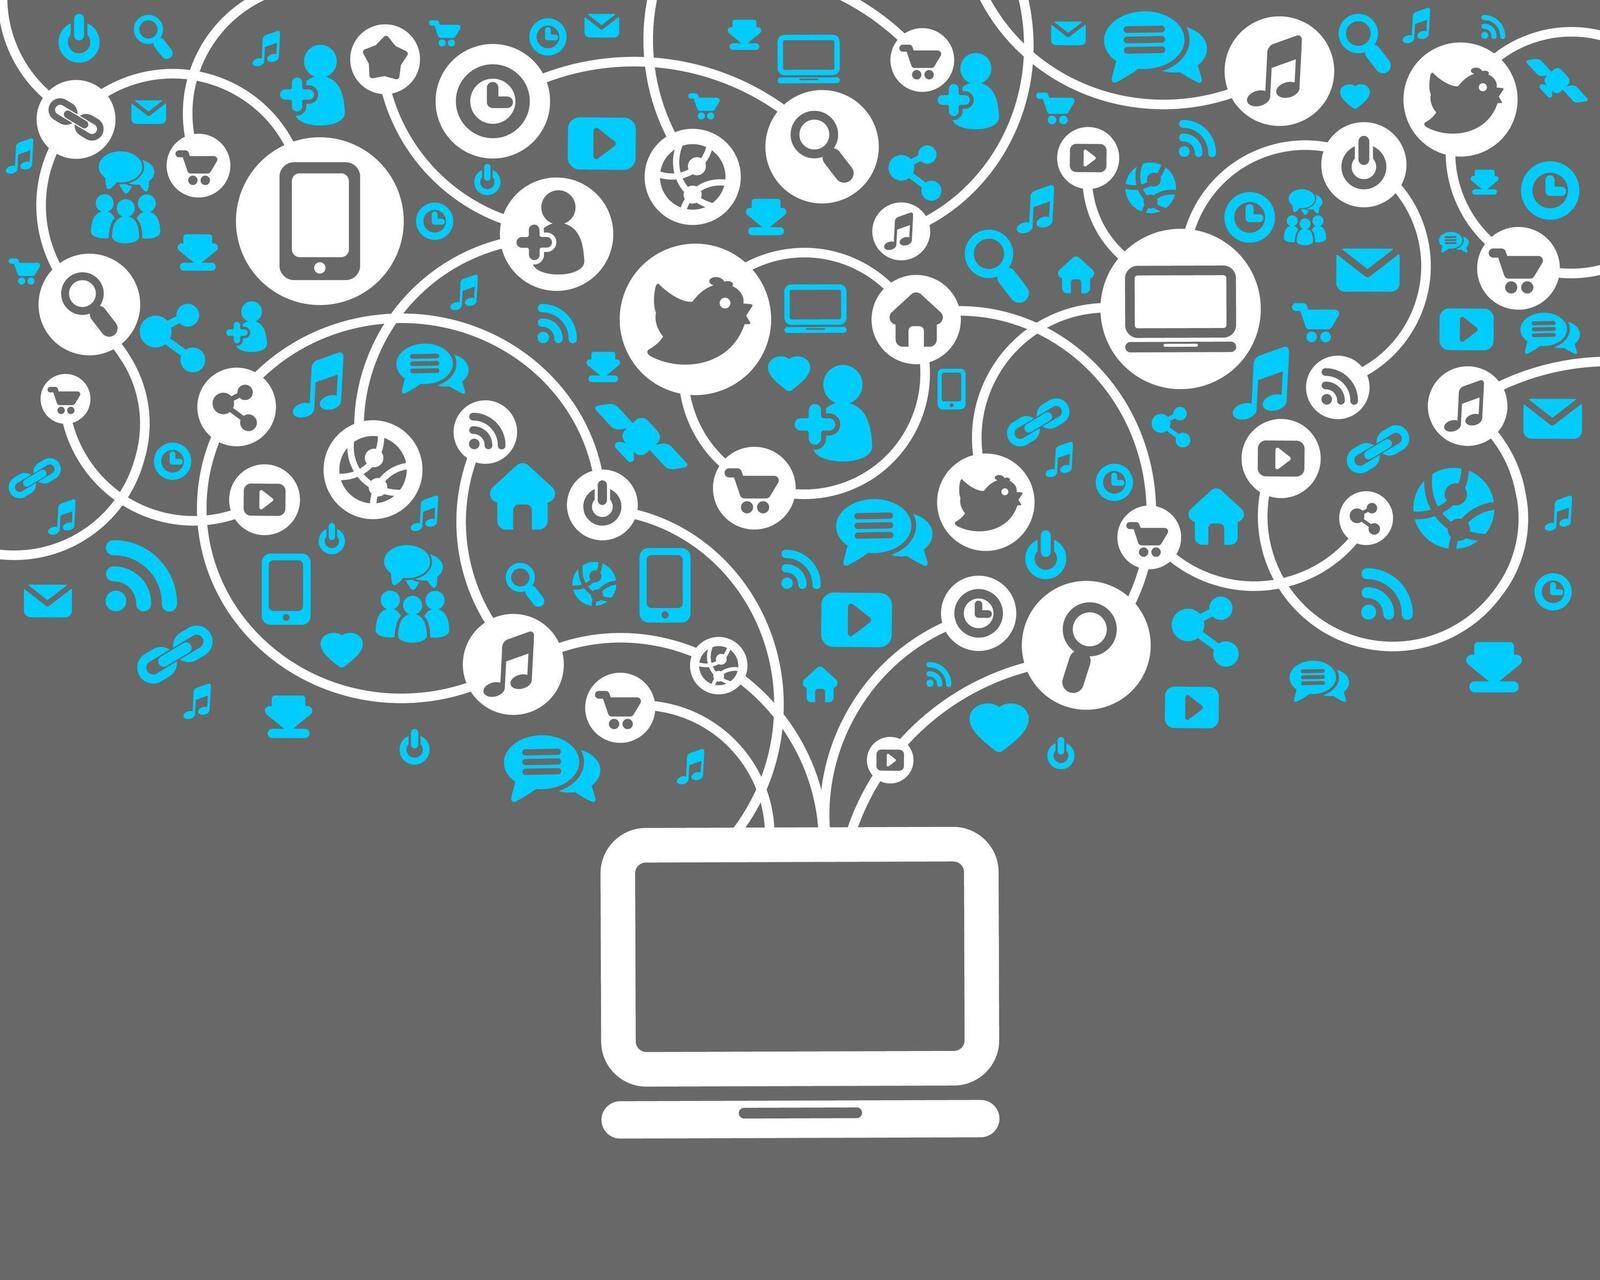 fic-to-your-website-social-media.jpg?Ts8_RwJBJqLLY.jpg